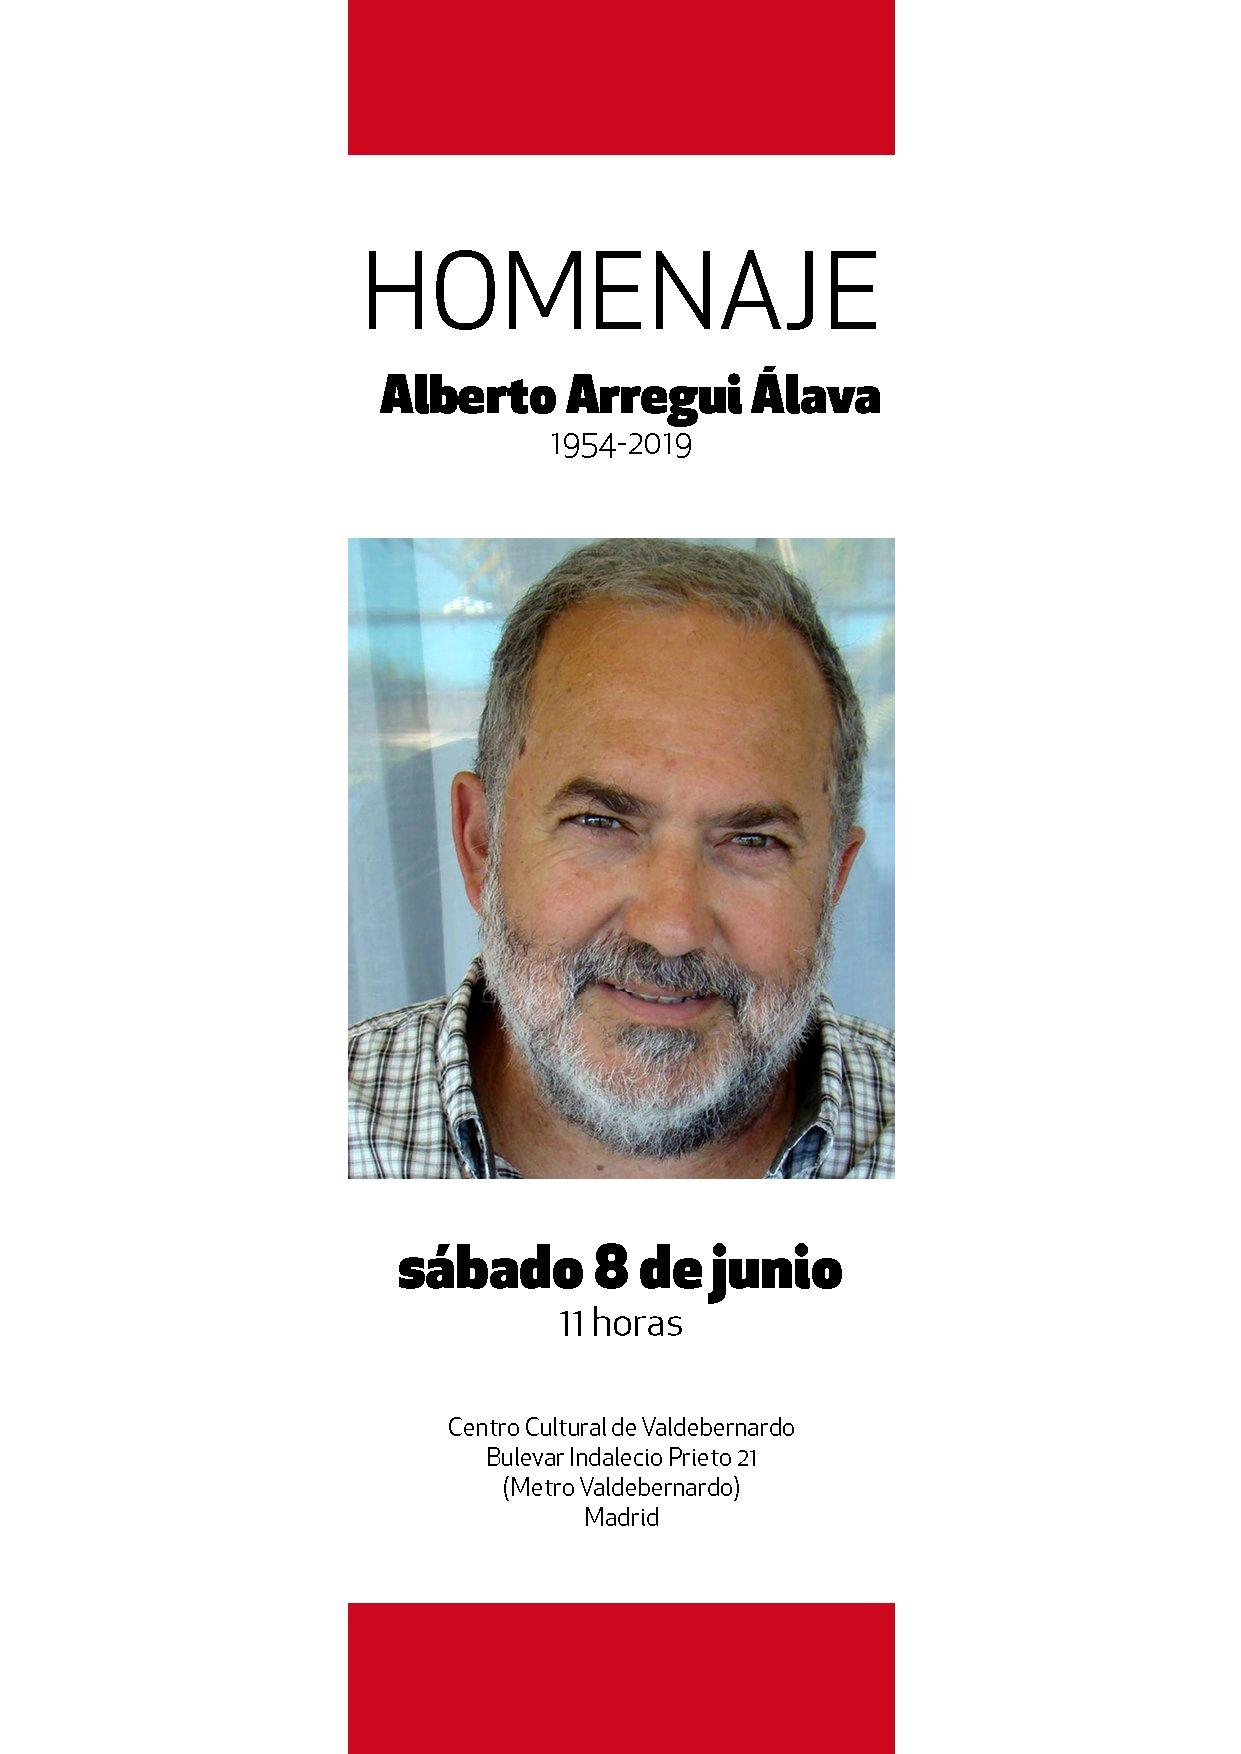 Homenaje a Alberto Arregui